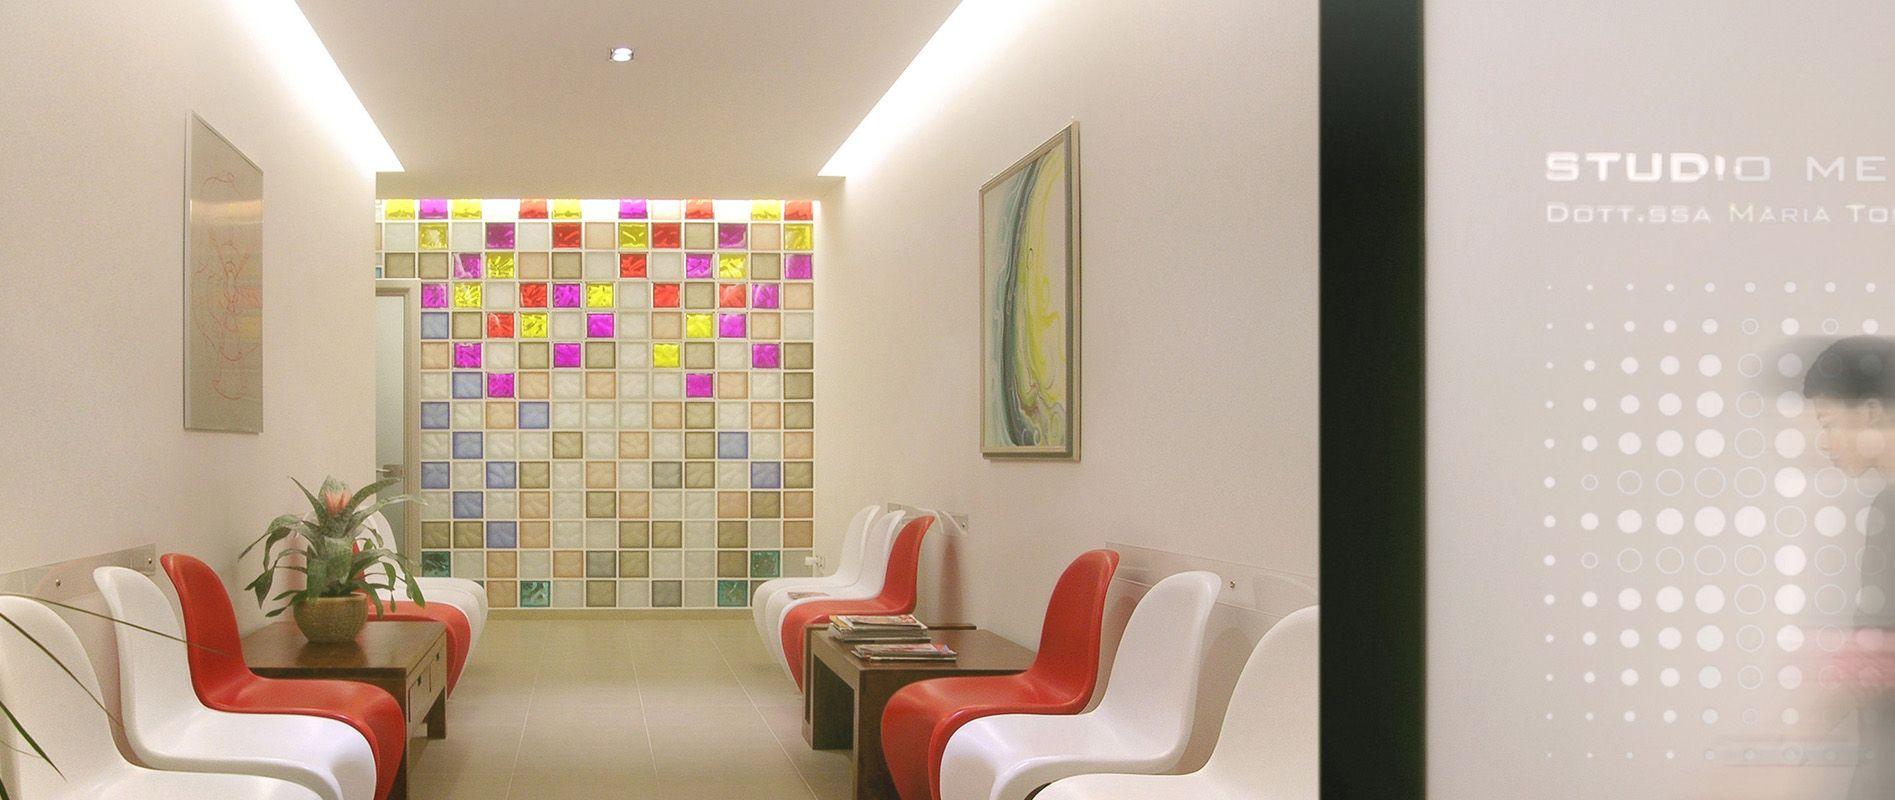 Consultorio dise o de consultorio dental pinterest Despachos de diseno de interiores df